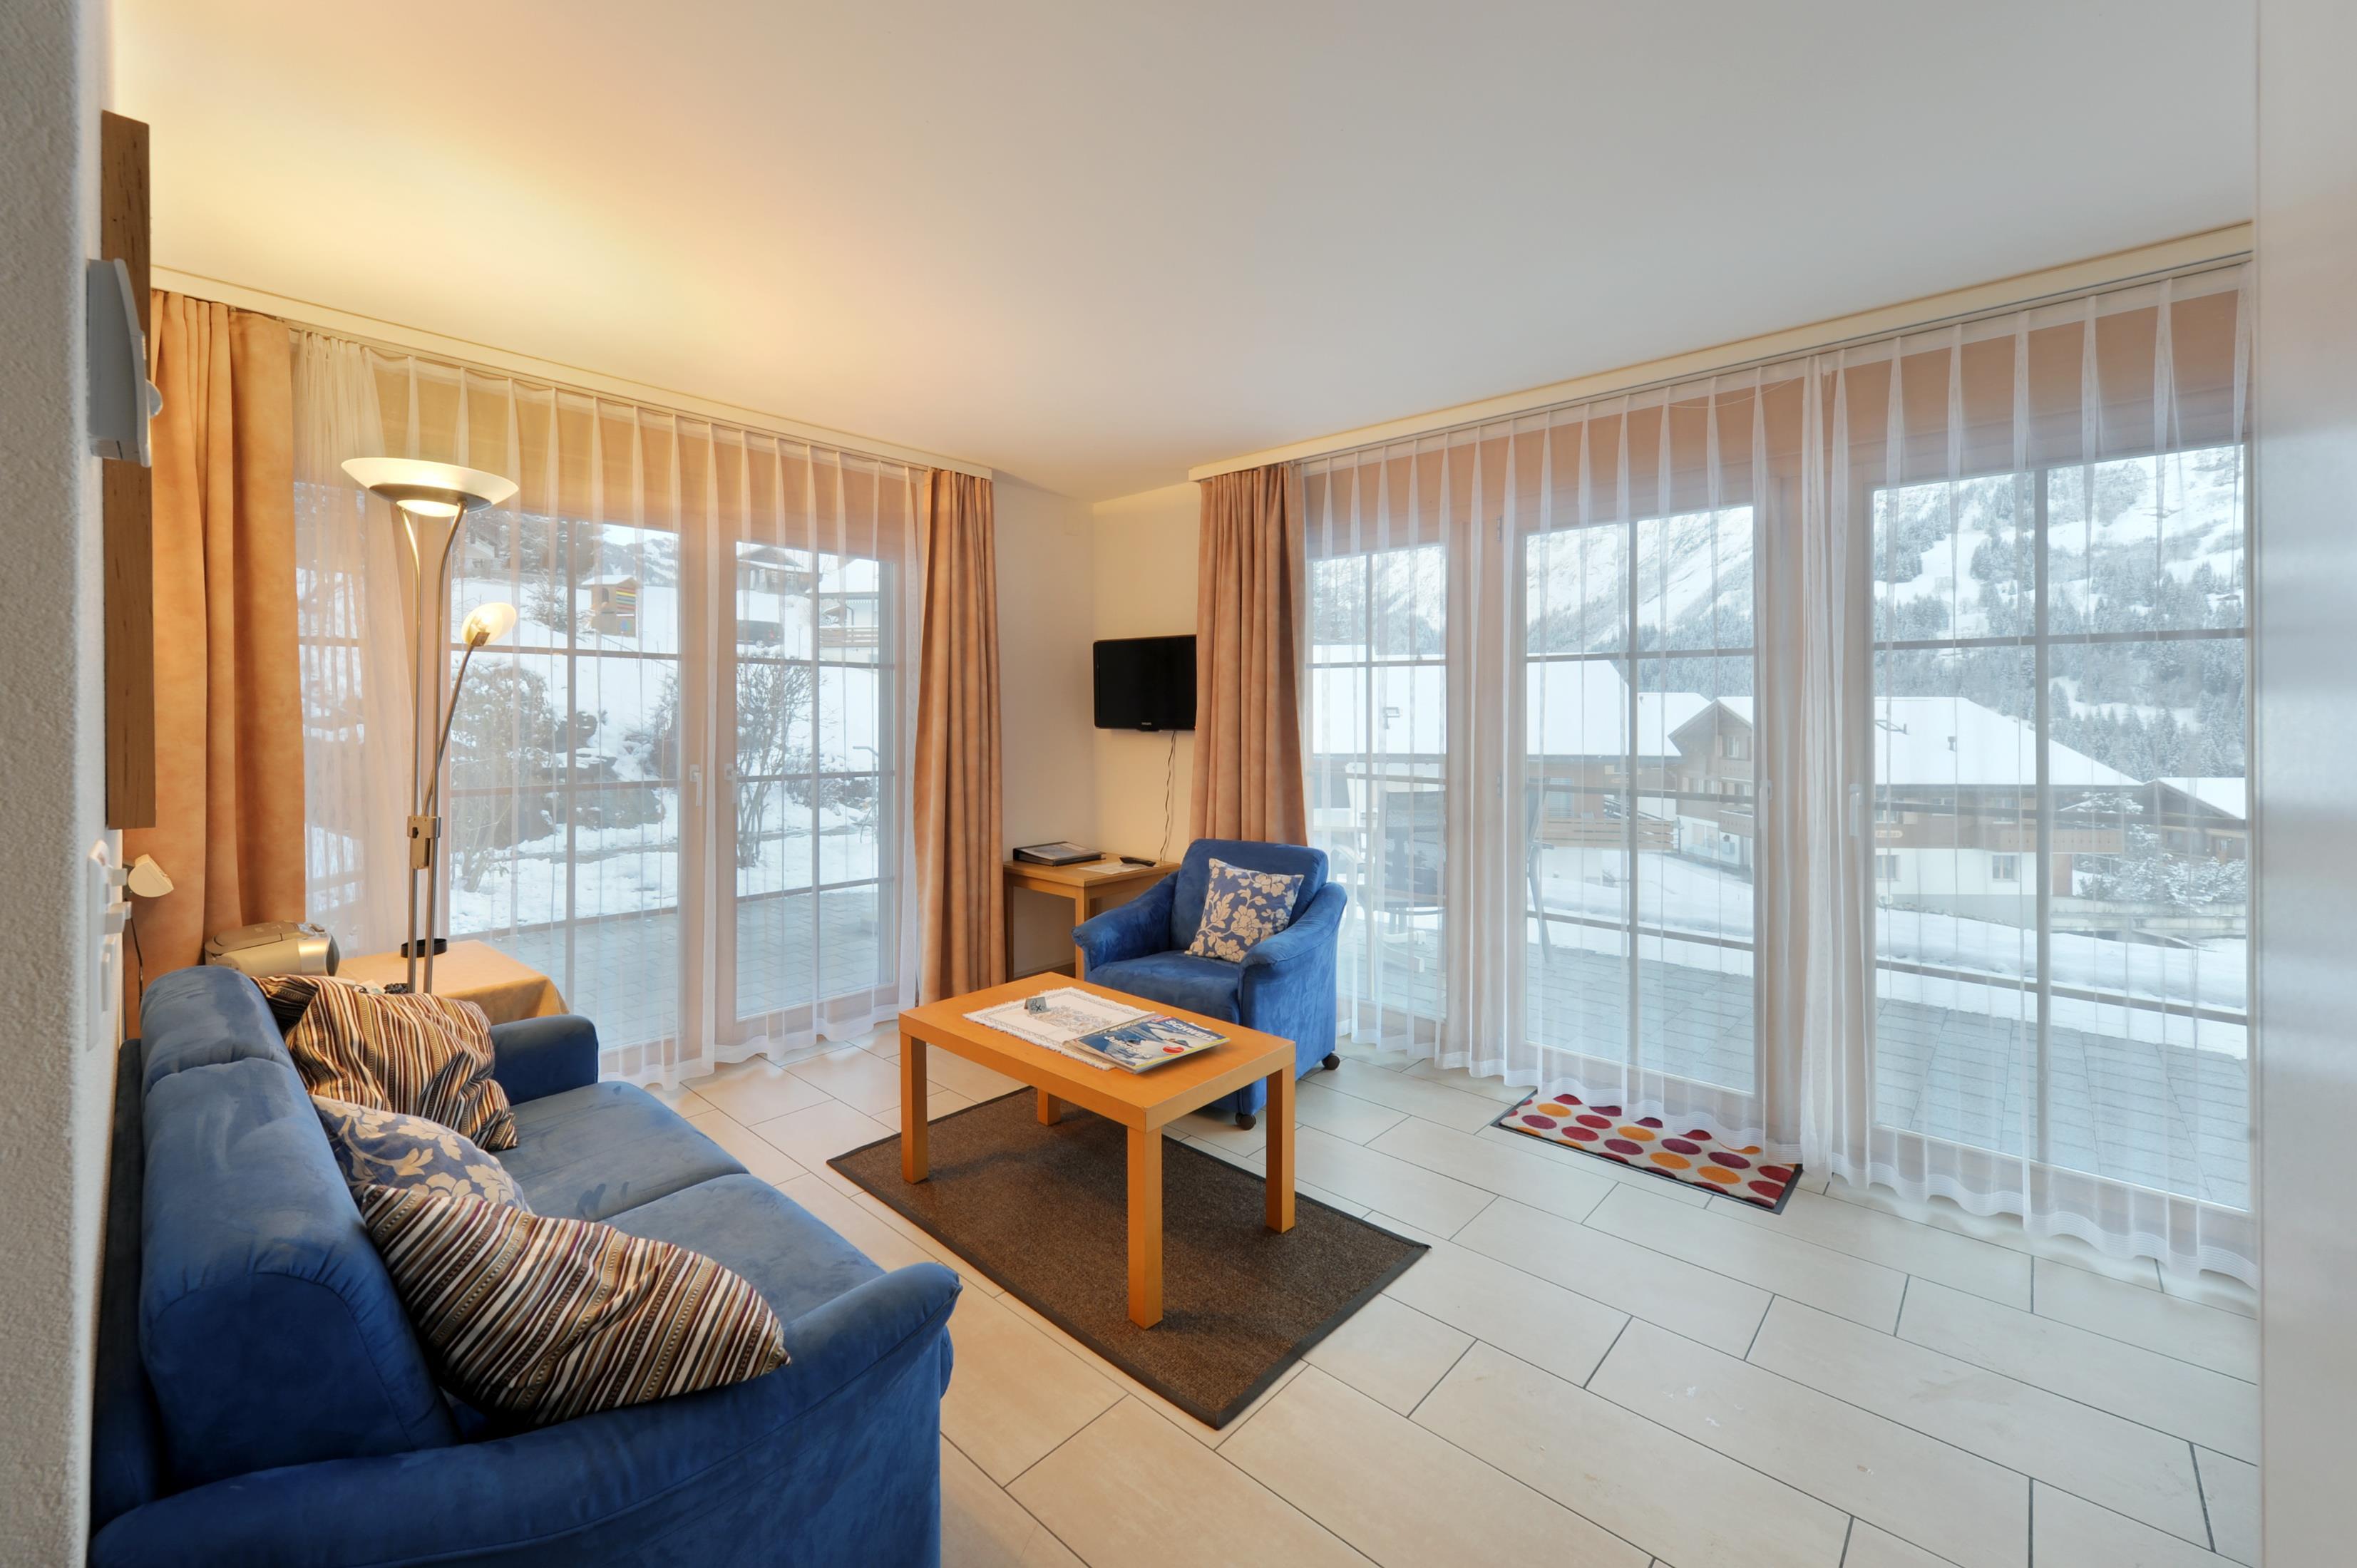 Appartement de vacances Steinbilla 2 Bett Ferienwohnung (2692218), Grindelwald, Région de la Jungfrau, Oberland bernois, Suisse, image 6